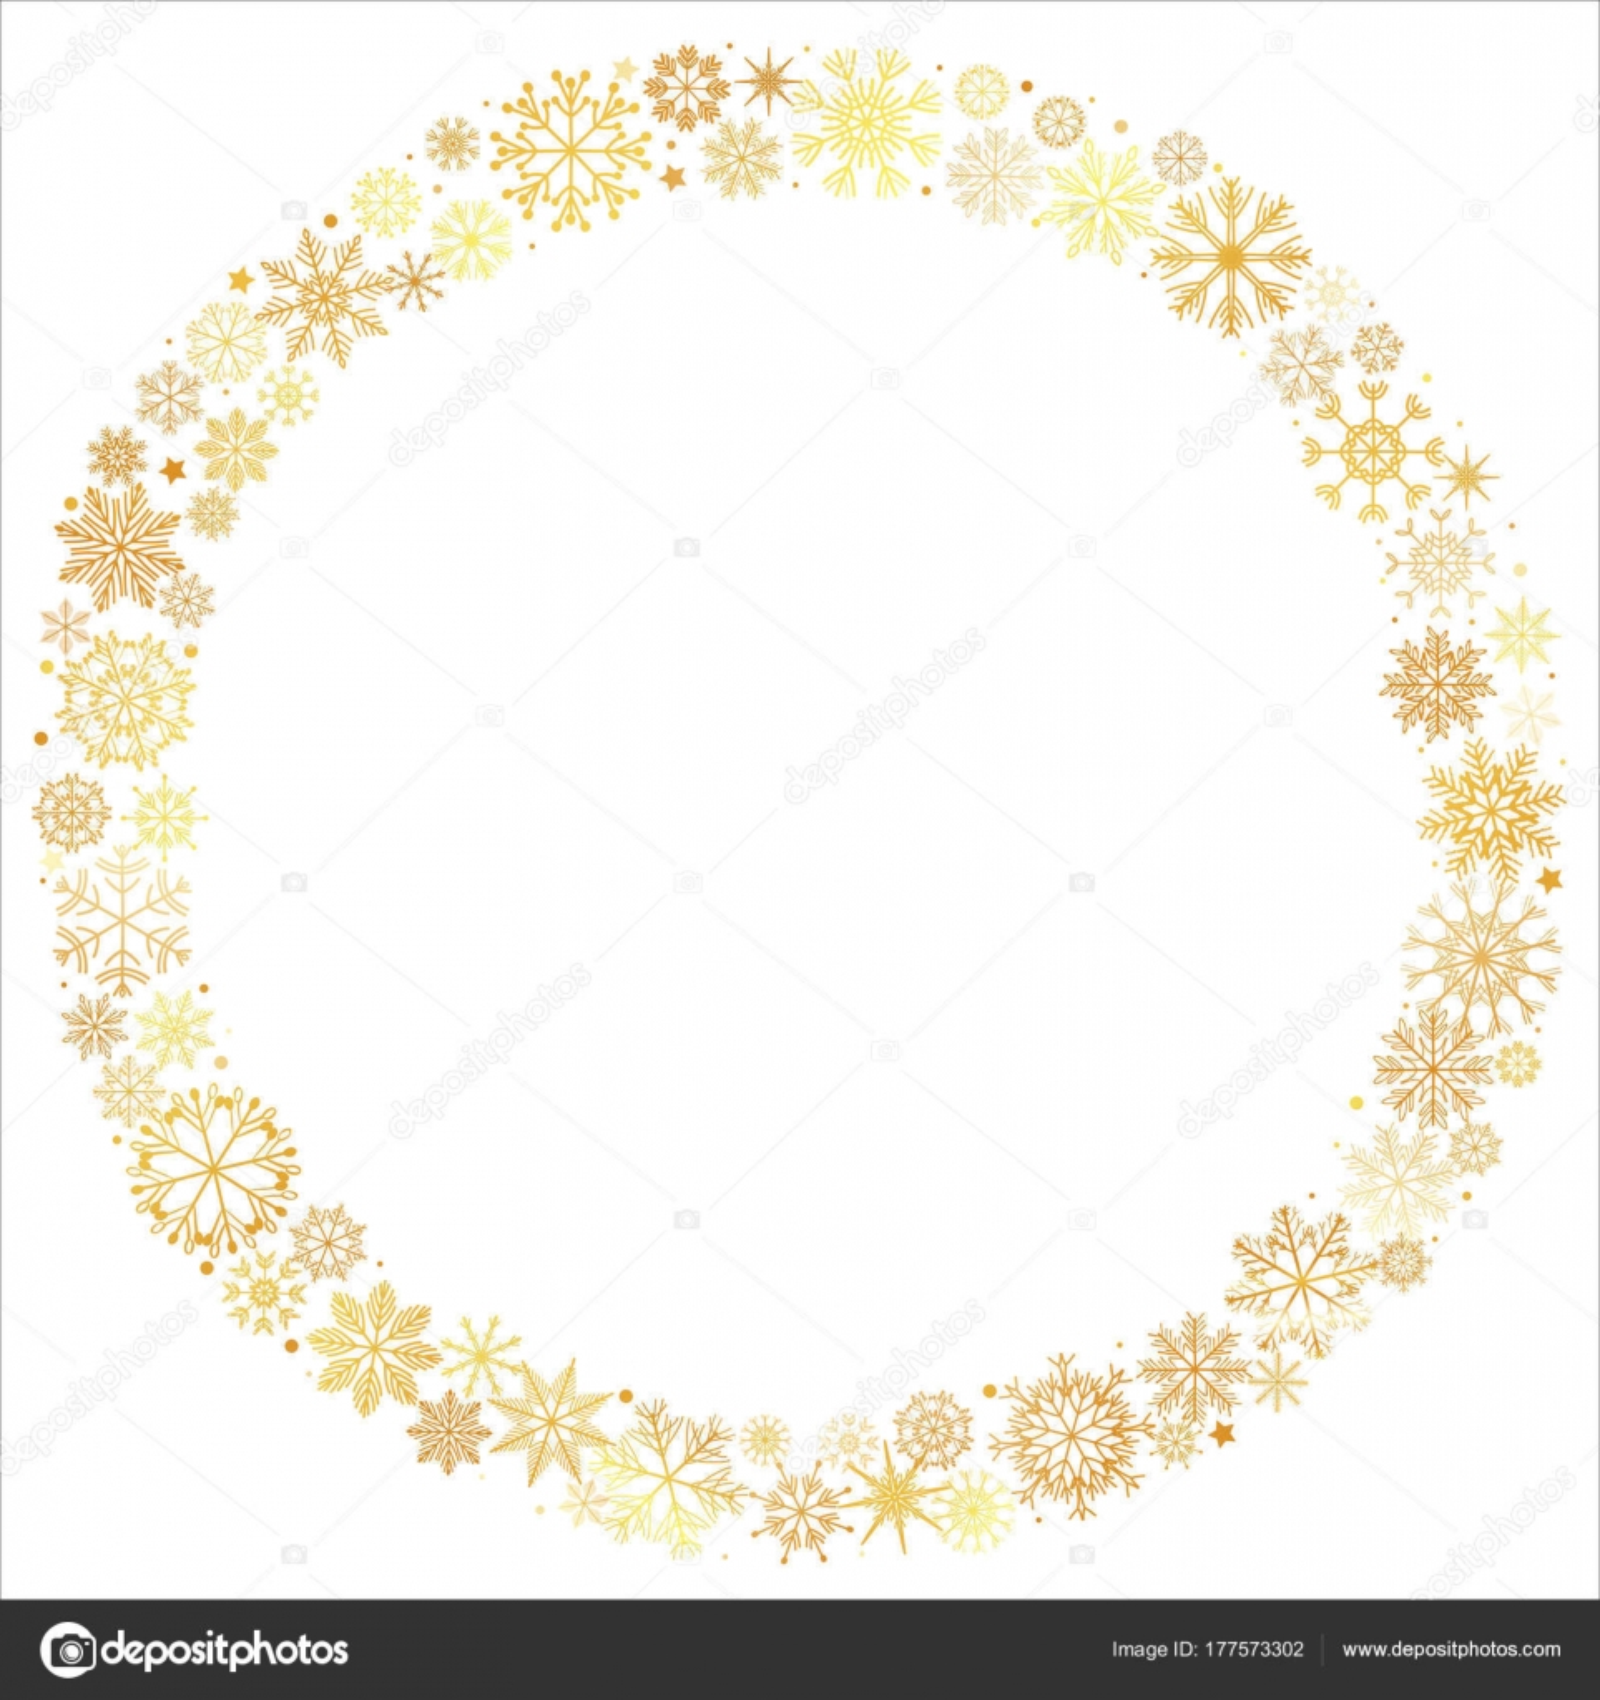 手のベクトル イラスト描画メリー クリスマス黄金キラキラ雪星花輪円